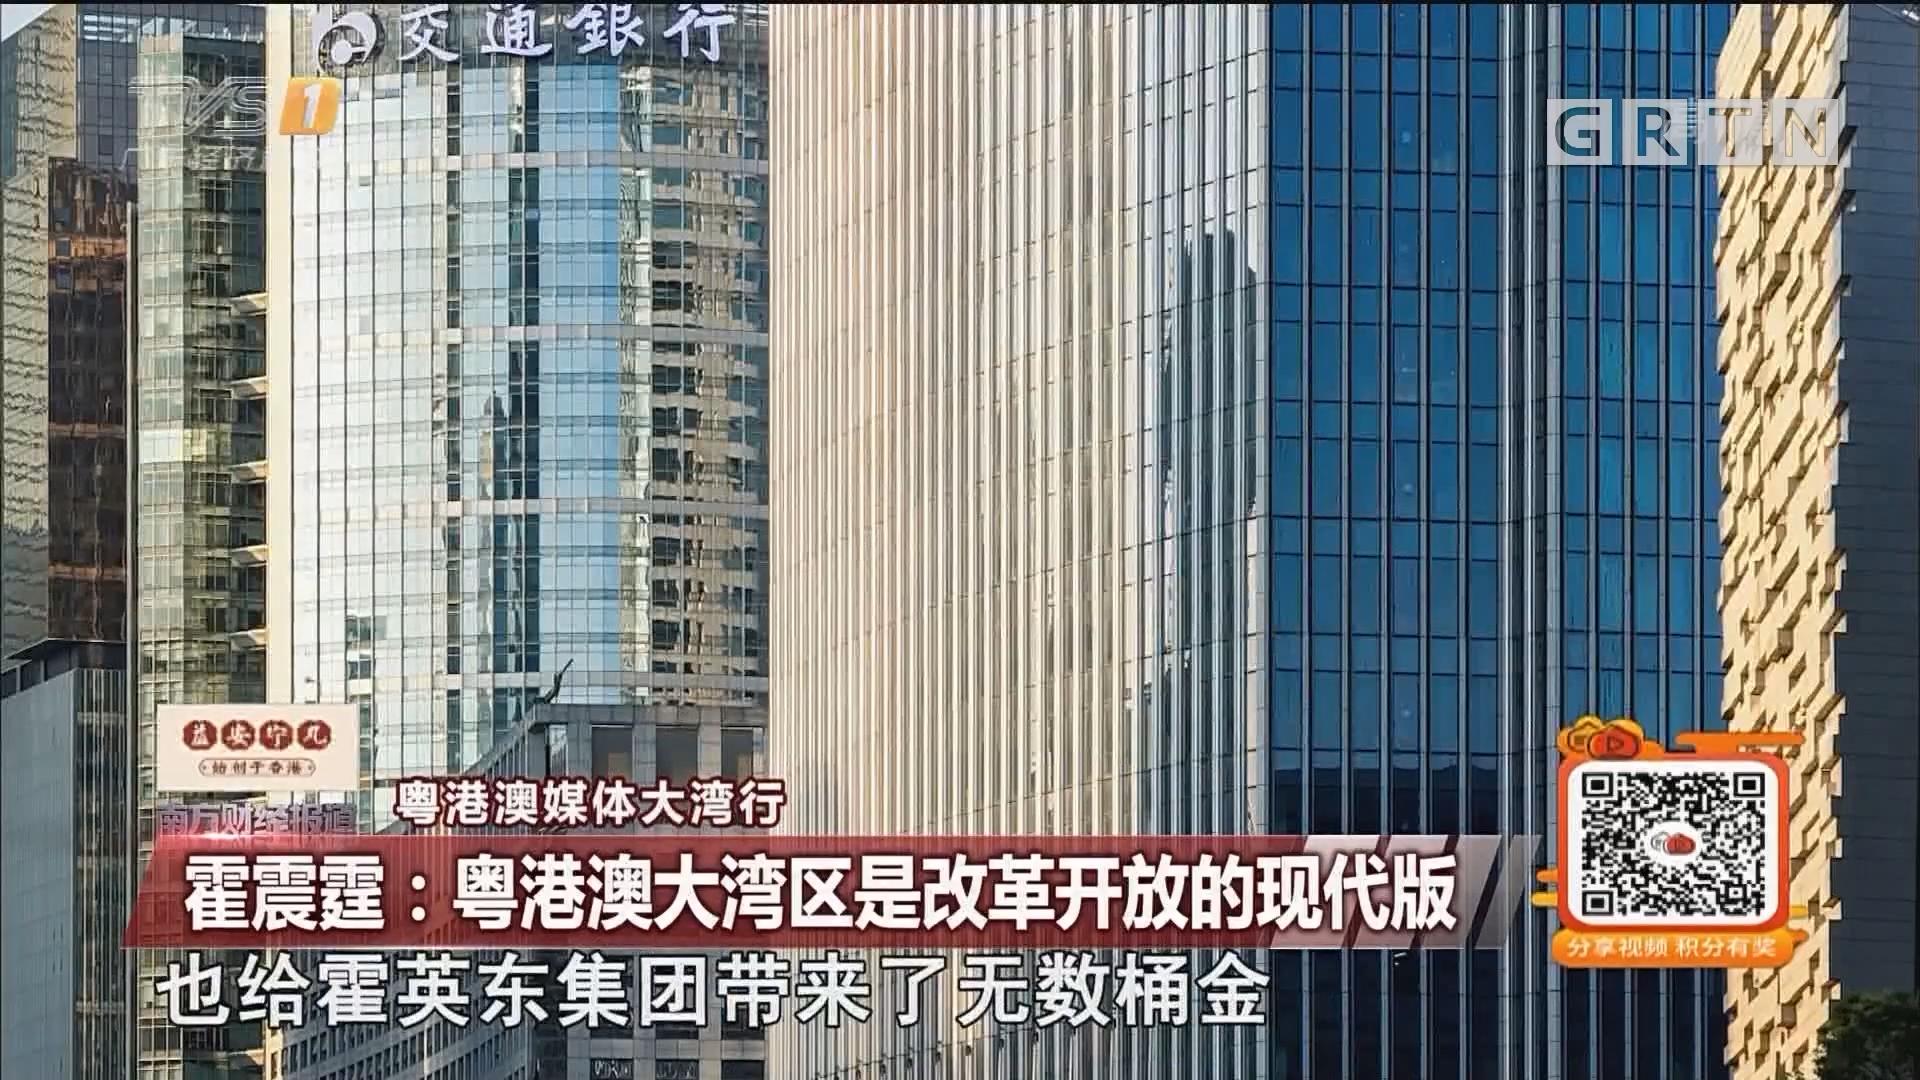 粤港澳媒体大湾行:霍震霆:粤港澳大湾区是改革开放的现代版